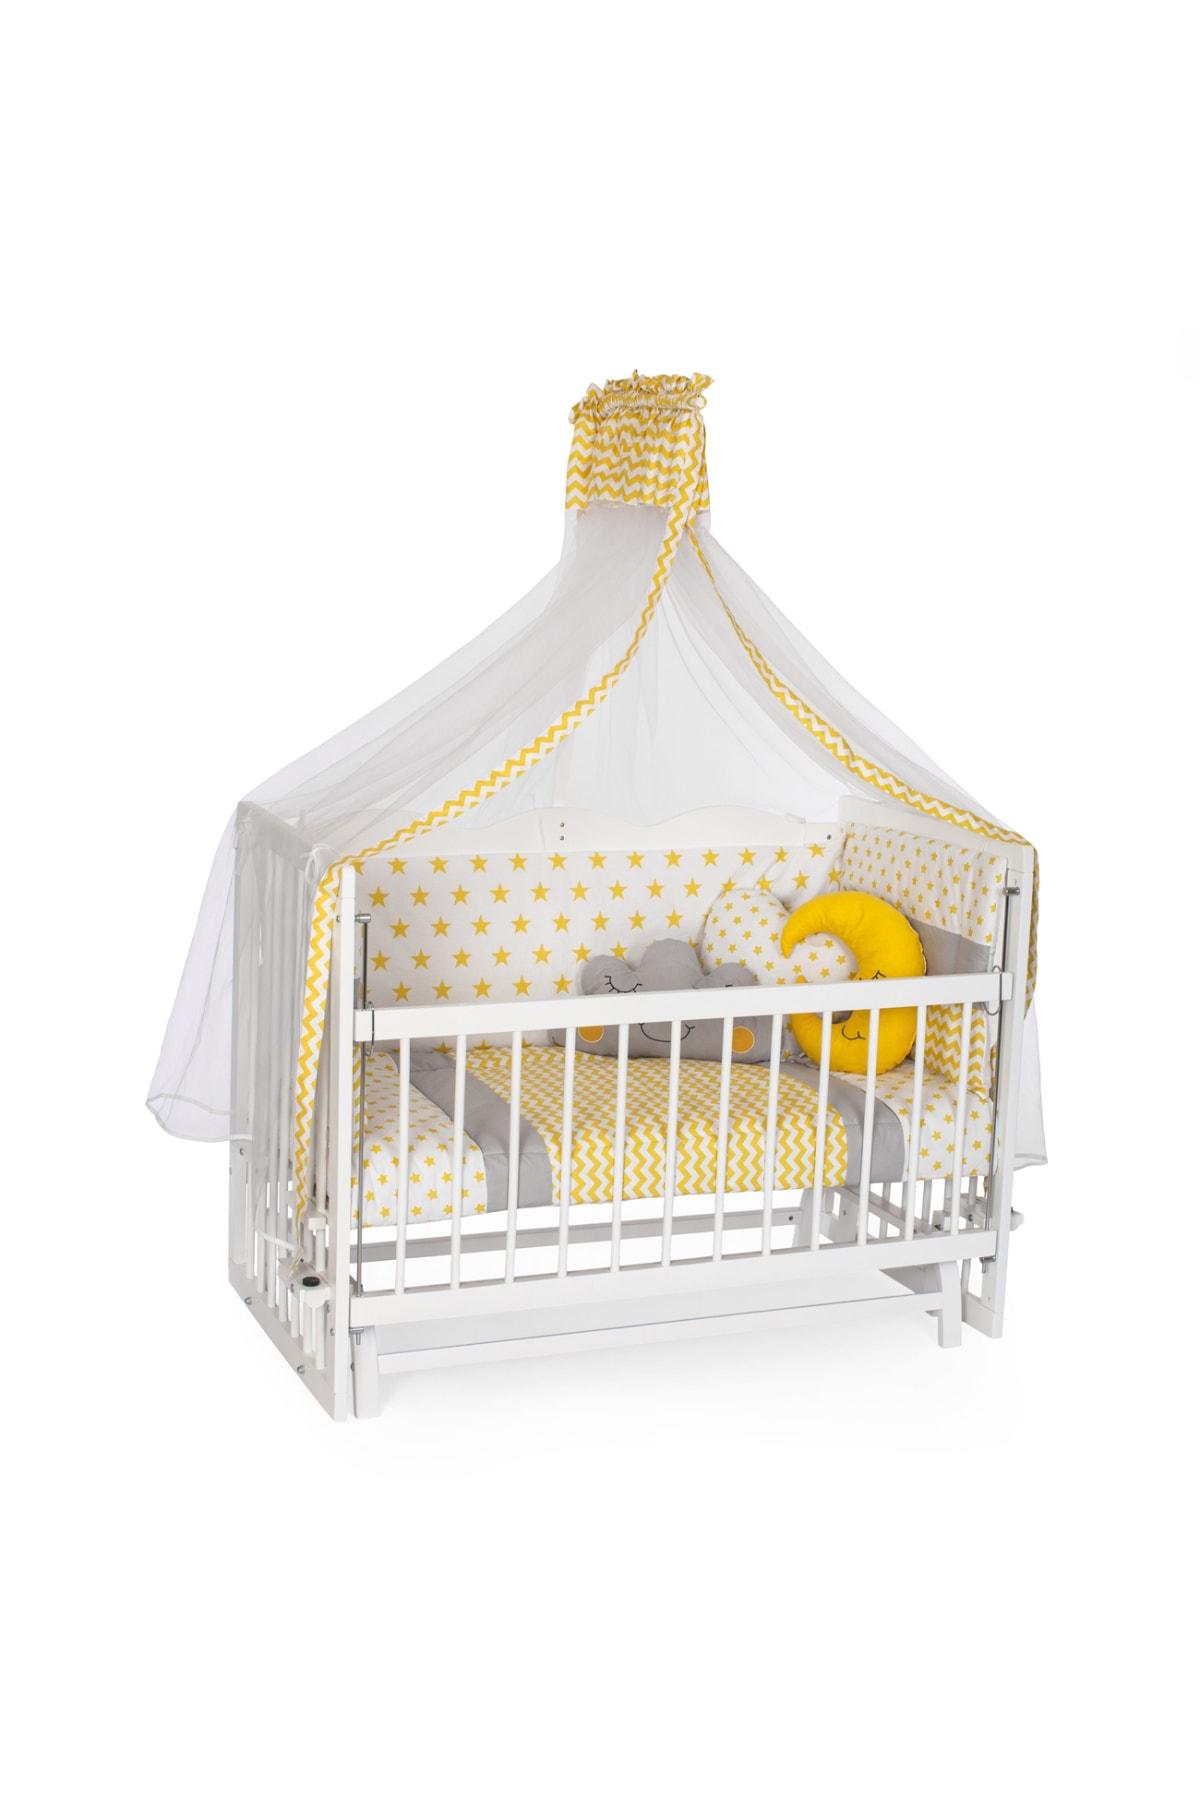 Carino Wins Ahşap 60 X 120 Beyaz Renk Sallanır Anne Yanı Beşik Uyku Setli Ve Yataklı Asybyz60x120sy 1